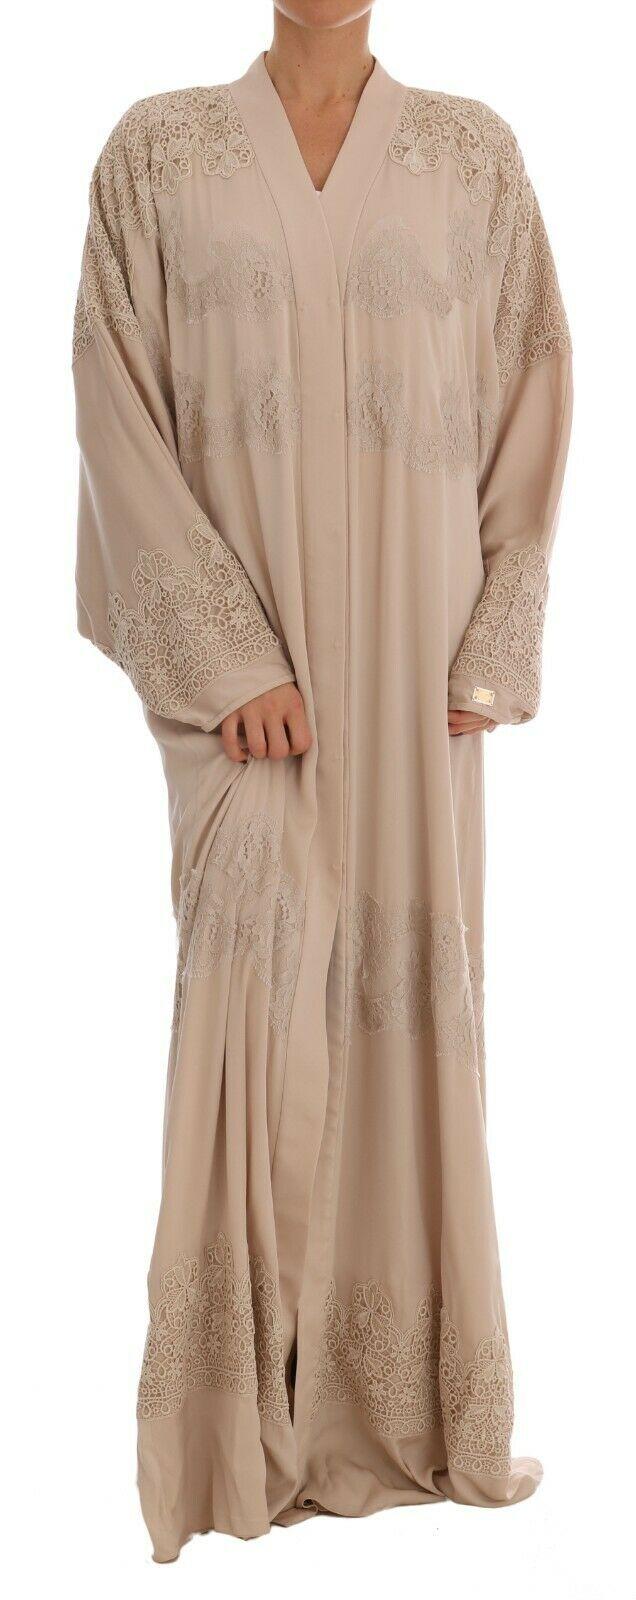 Dolce & Gabbana Women's Silk Ricamo Kaftan Abaya Dress Beige DR1396 - IT40 | M